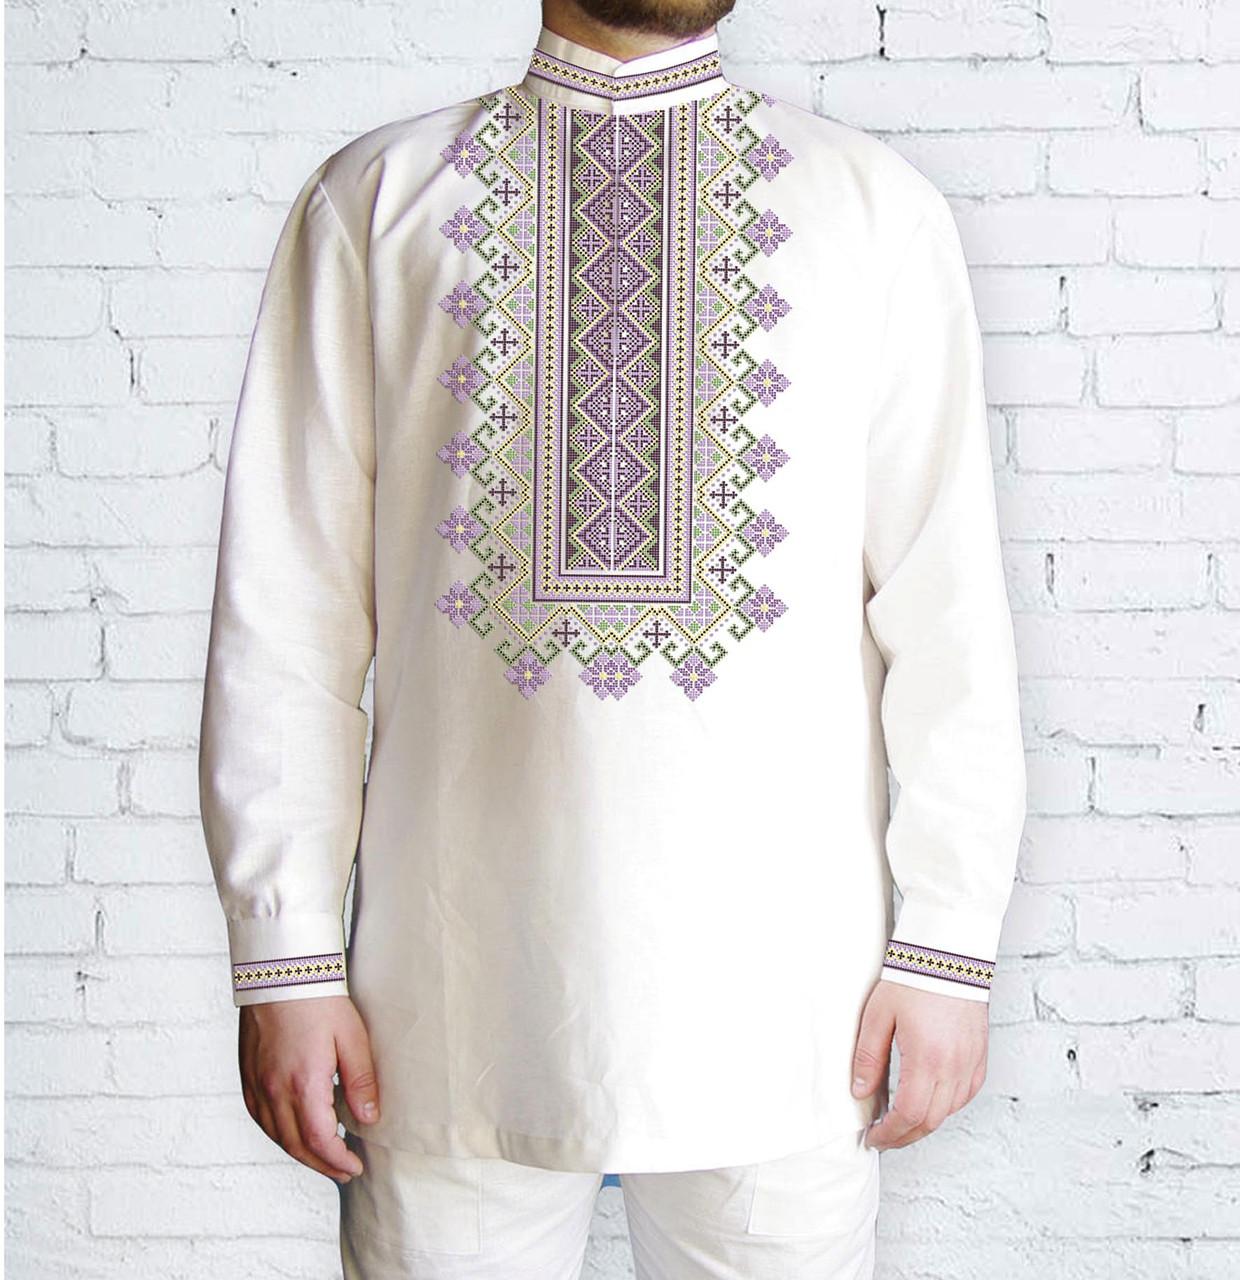 Заготовка чоловічої сорочки та вишиванки для вишивки чи вишивання бісером Бисерок «Світанкова» (Ч-555 )